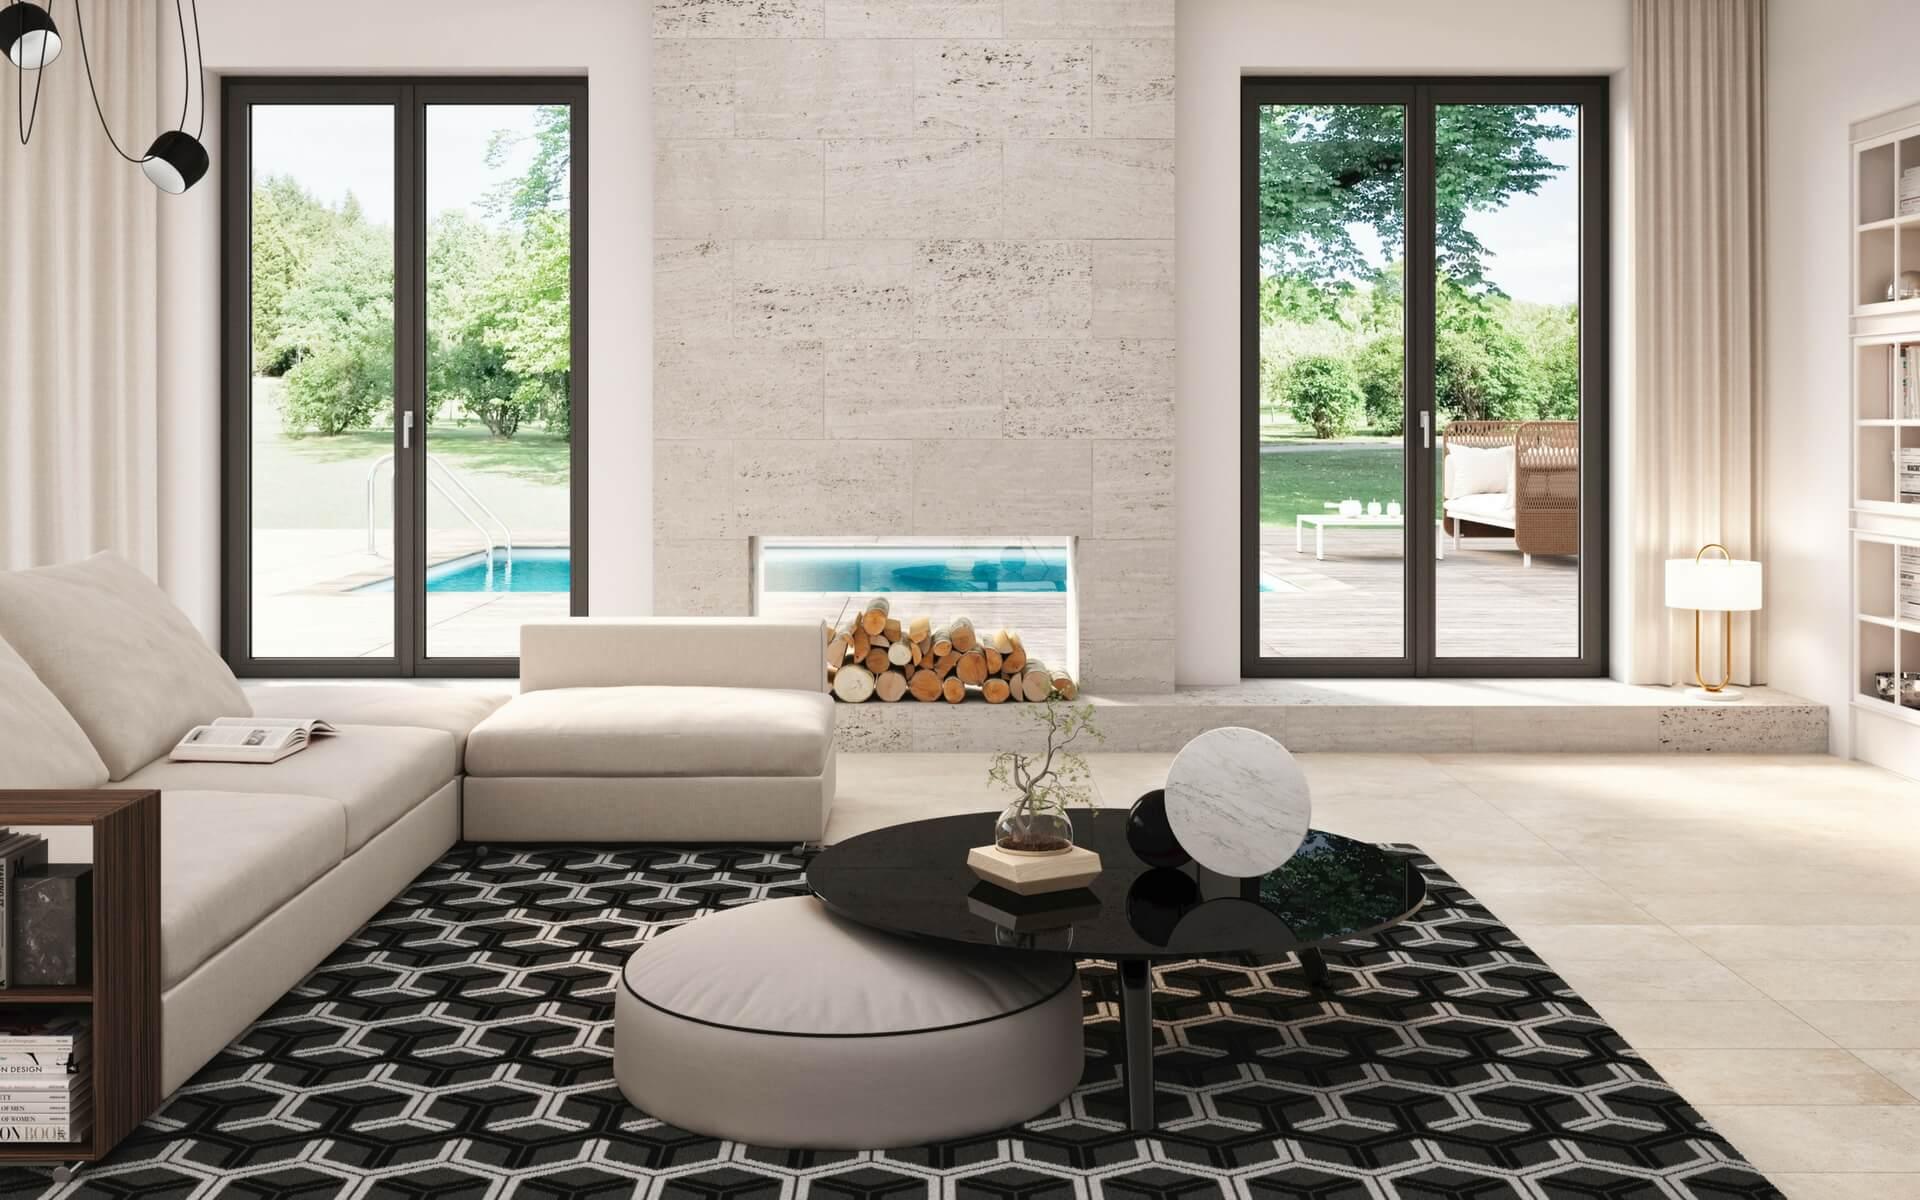 l'ultima tendenza in fatto di arredamento è realizzare le finestre di casa in colore nero